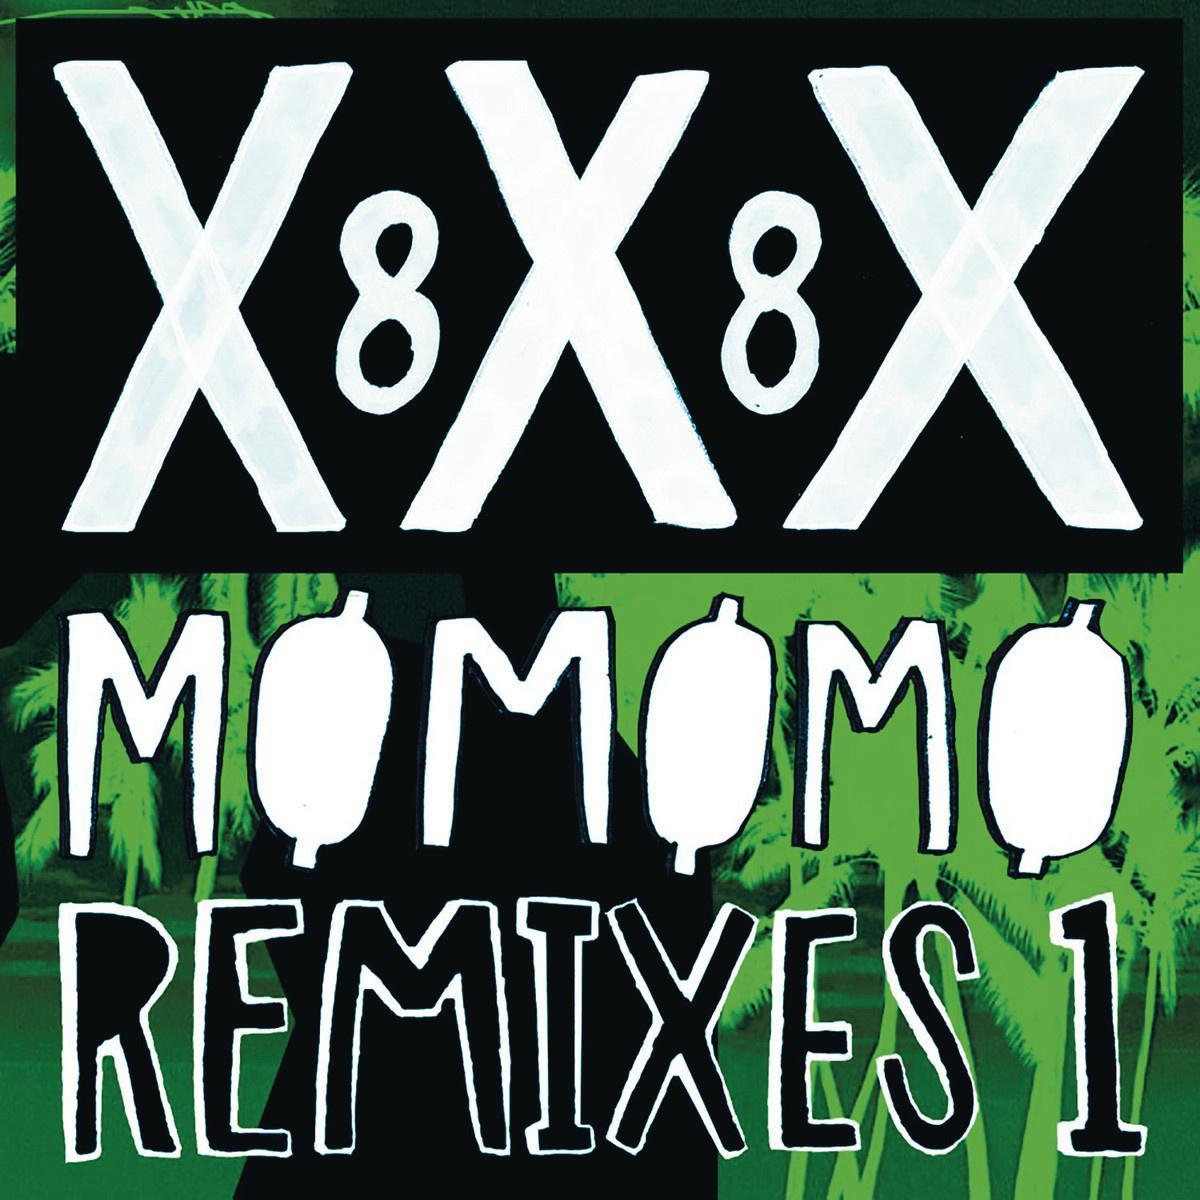 Xxx 88 lyrics nackt gallery